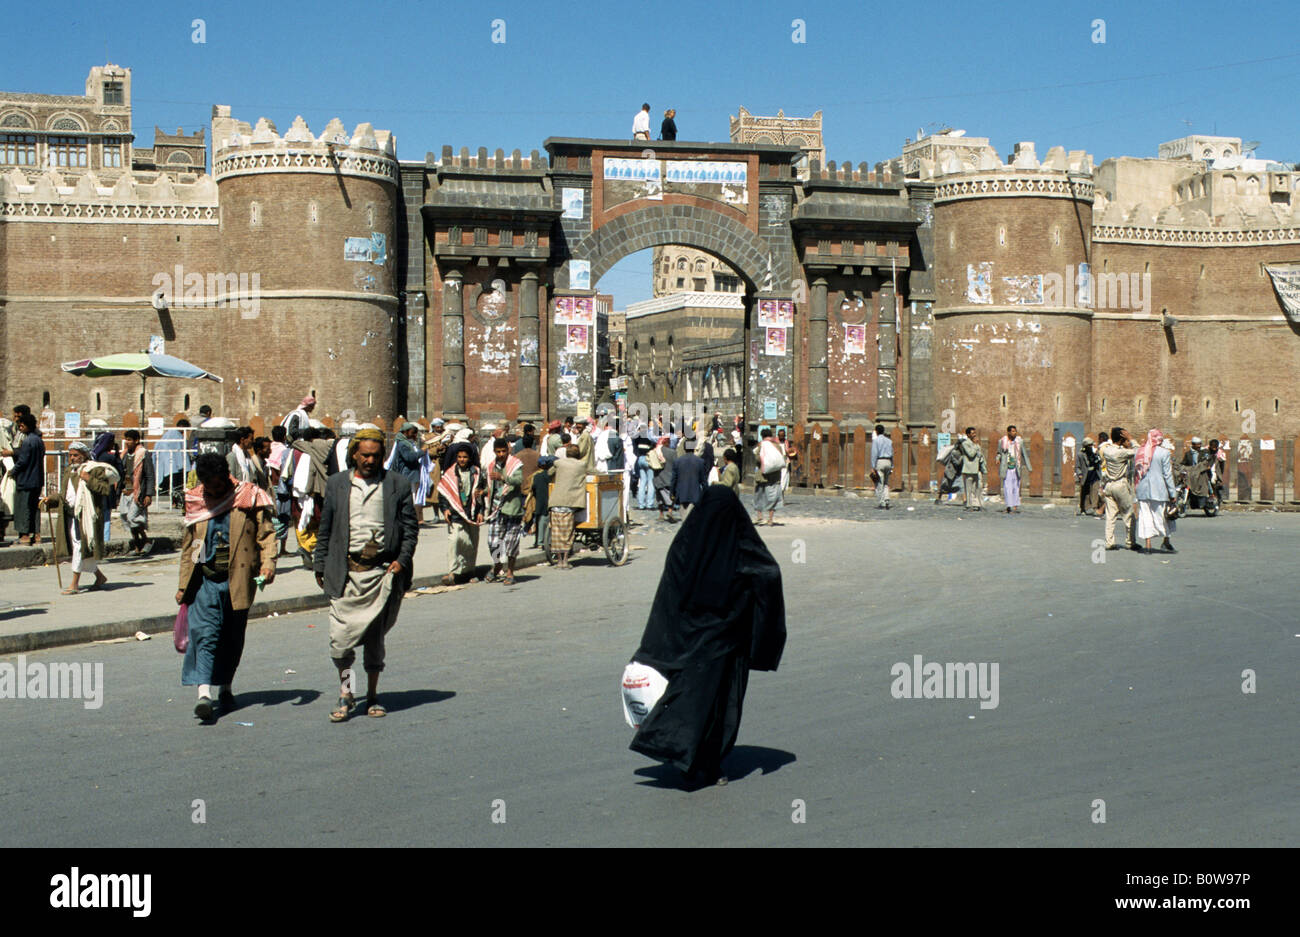 Street scene near the Bab al-Yemen, Bab al-Yaman, Yemen Gate, Sanaa, Yemen, Middle East - Stock Image